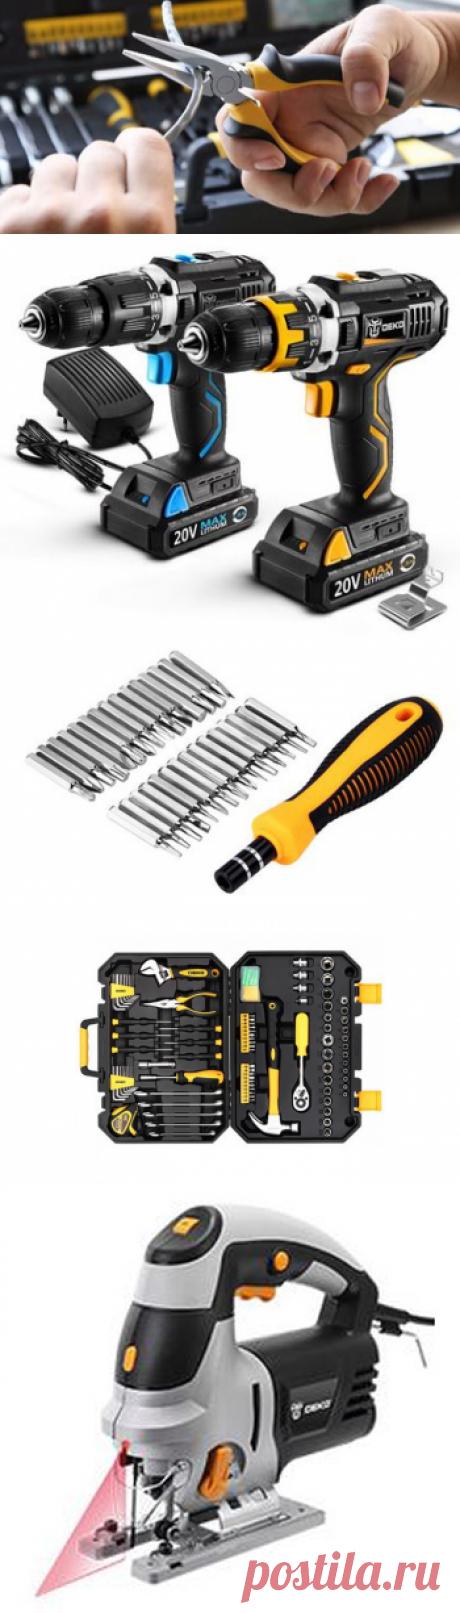 Топ-5 инструментов для мужчины в подарок | Super-Blog